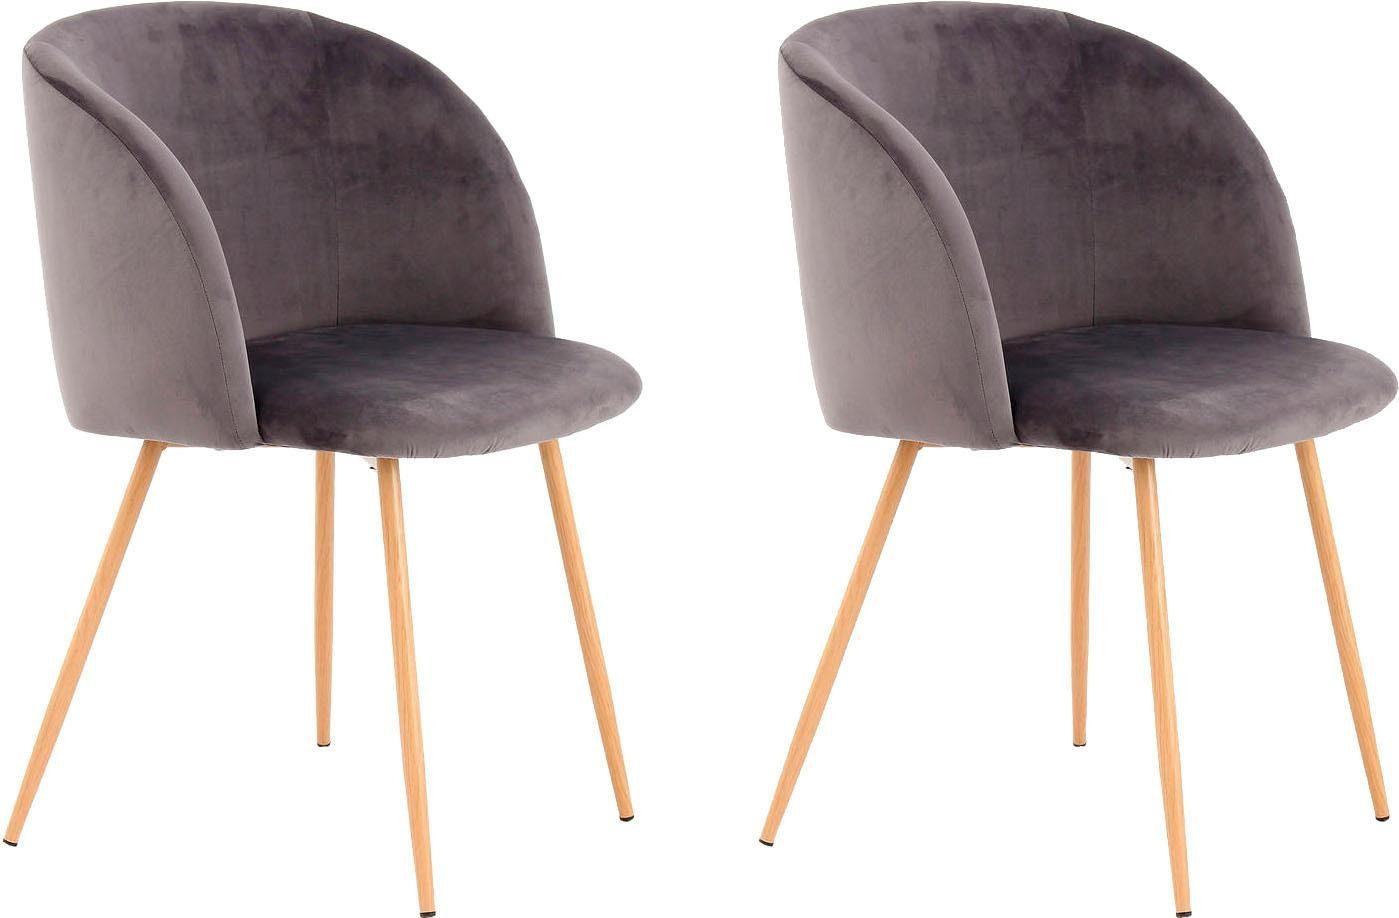 Kayoom Stuhl »Celina 110« (2 Stück), Schöner Stuhl in hochwertiger Verarbeitung online kaufen | OTTO